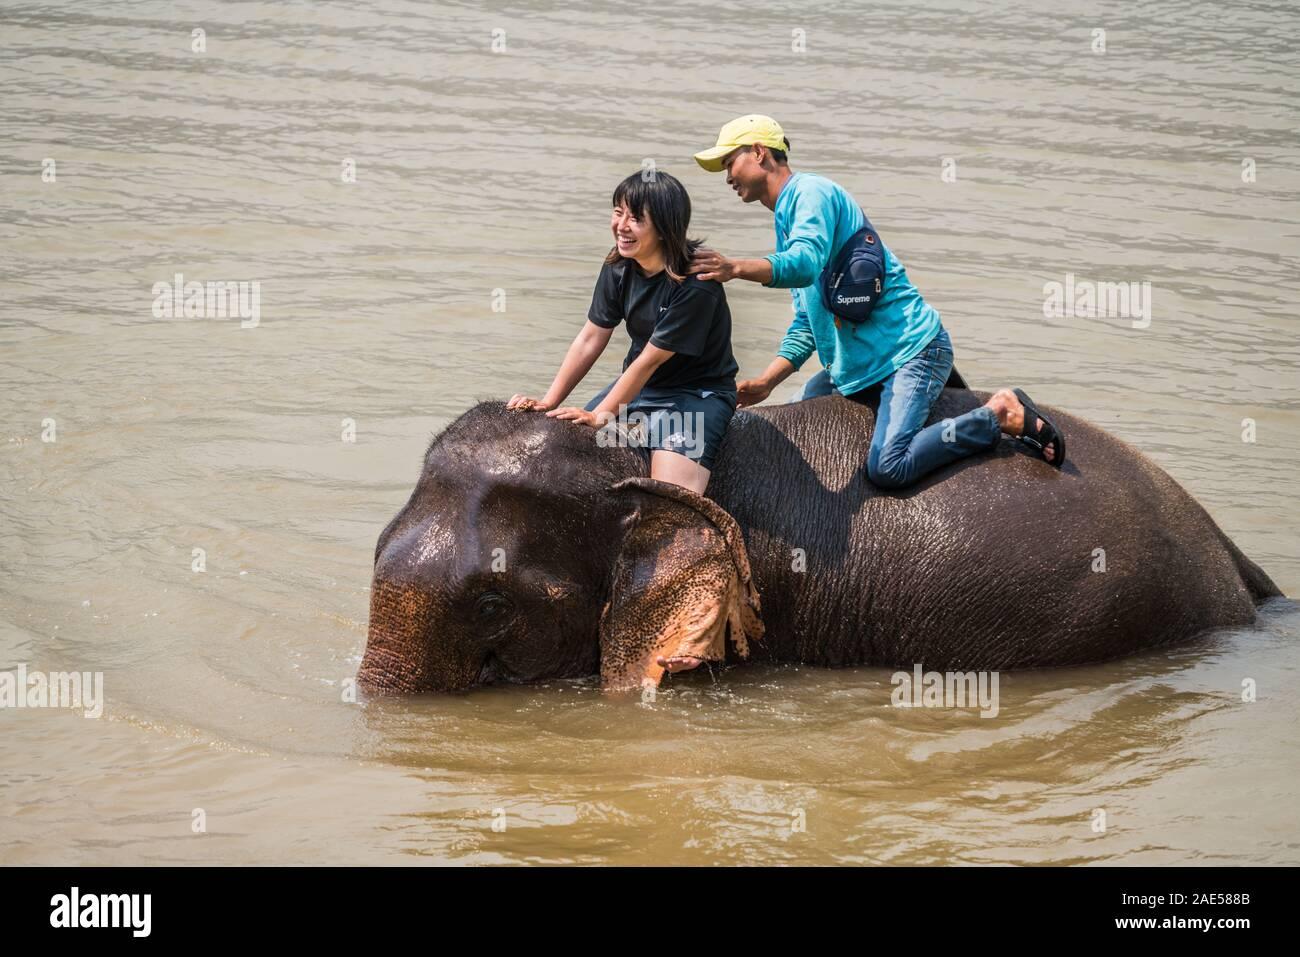 Tourists have bath with elephant, Luang Prabang Elephants Camp, Luang Prabang, Laos, Asia. Stock Photo